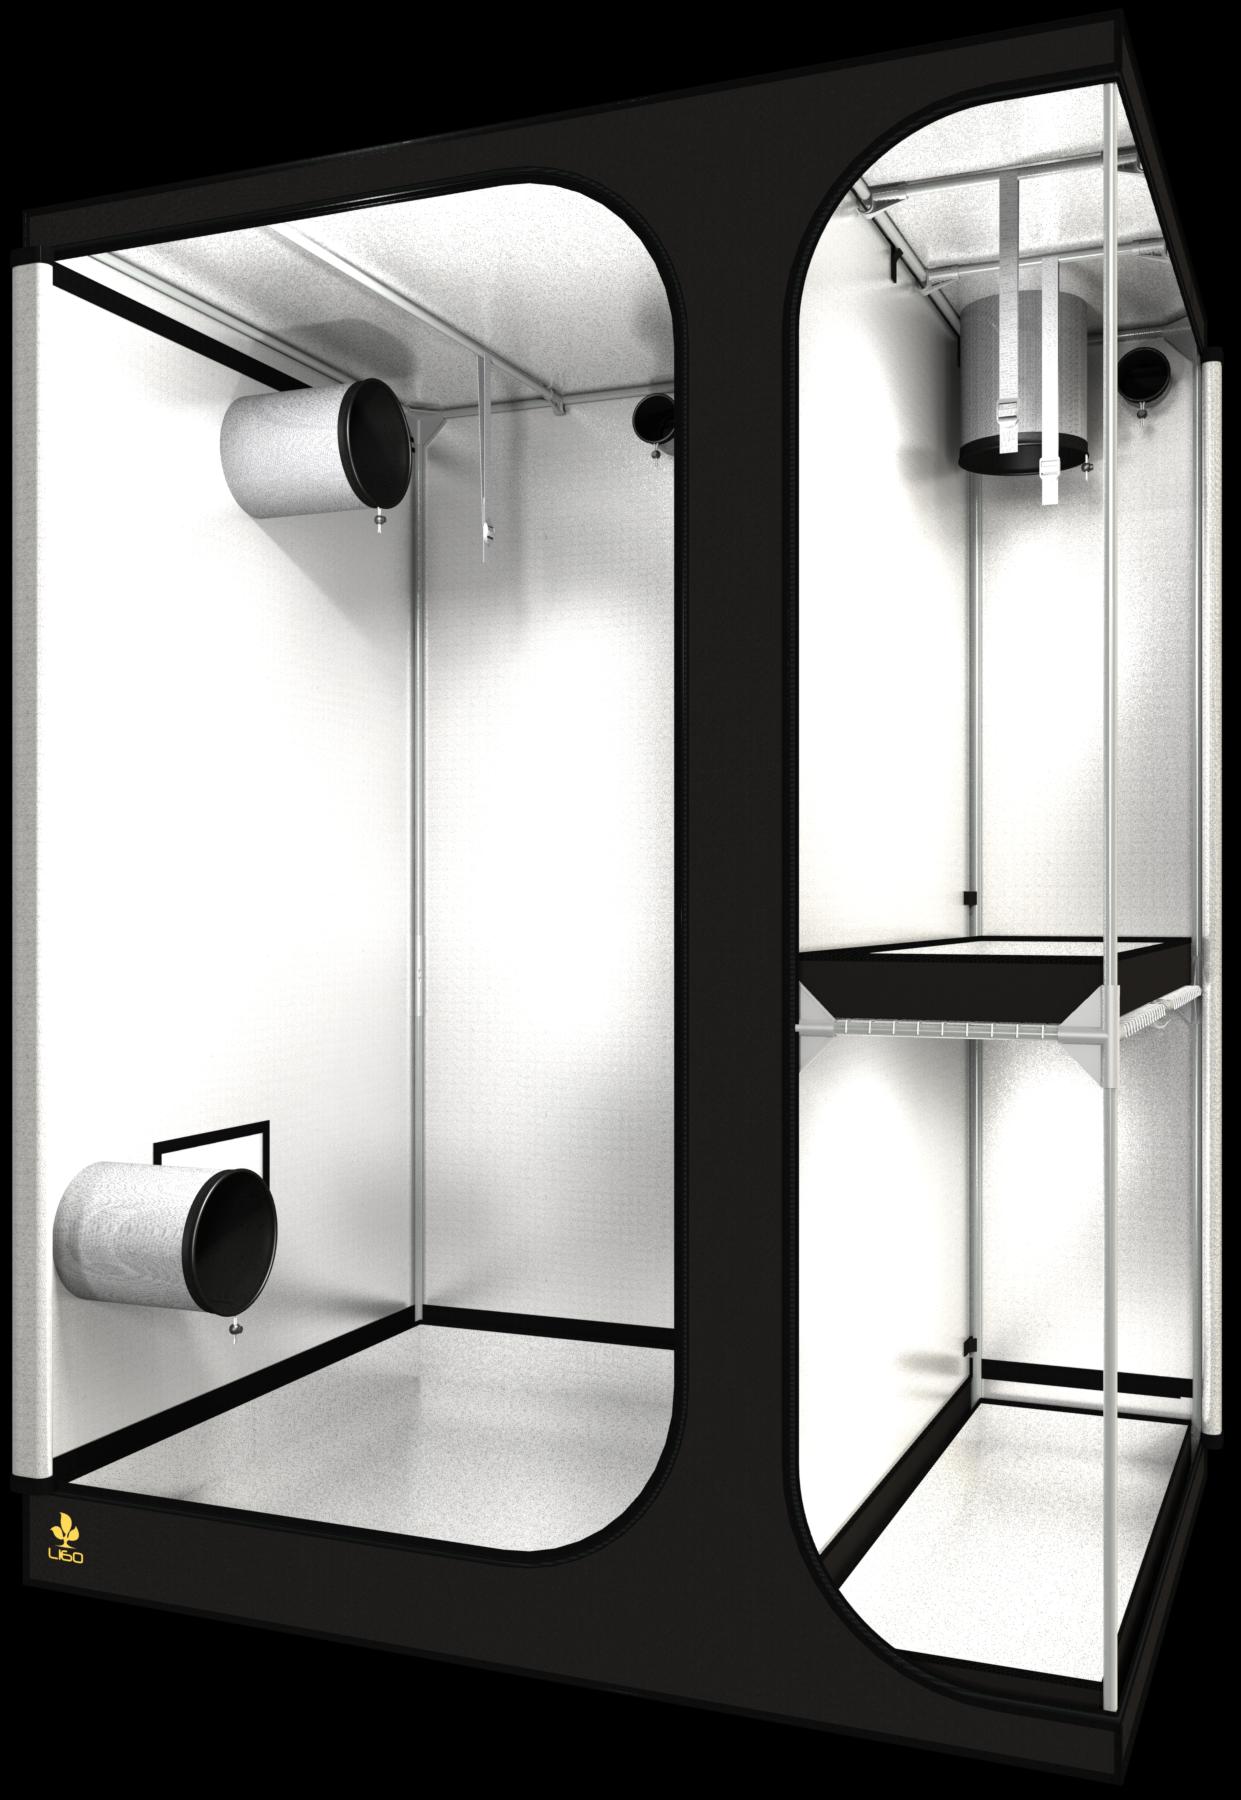 Dark room LODGE L160 REV 2,5 160X120X205cm (160X120X205cm pěstební box s dvěma místnostmi)